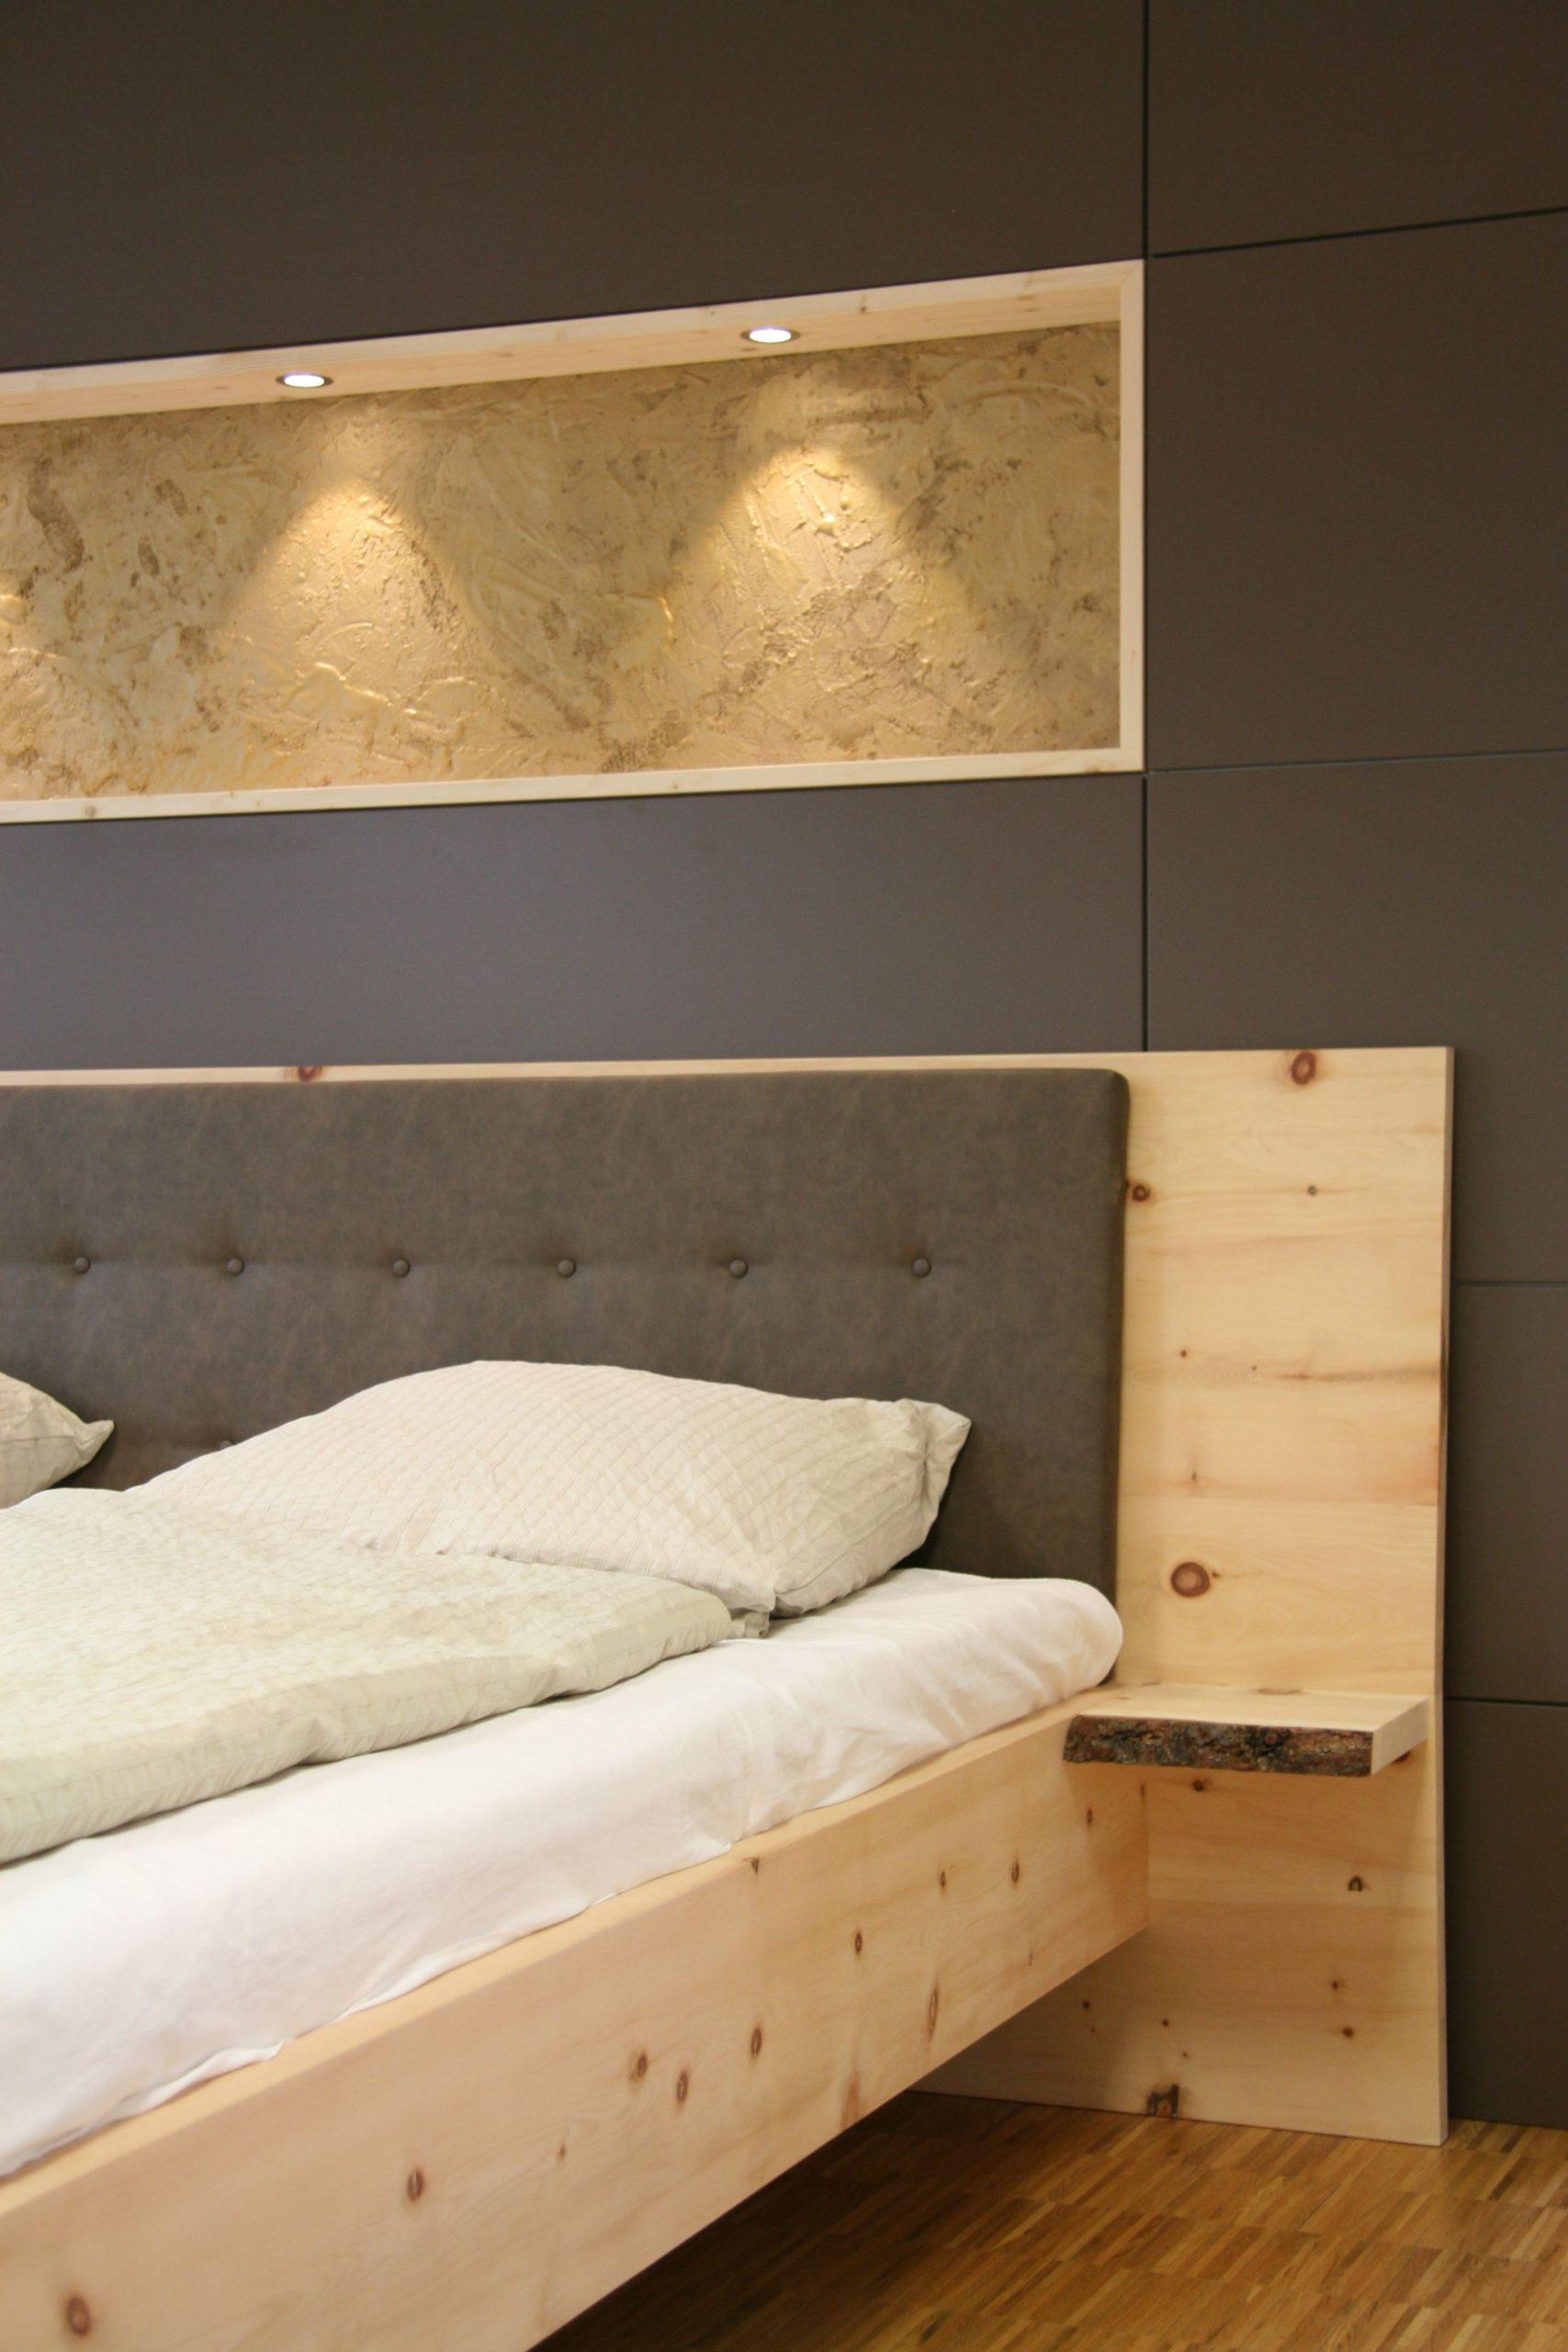 Full Size of Rückenlehne Bett Massivholzbett Aus Zirbenholz Besonderheiten Nachttischablage 180x200 Komplett Mit Lattenrost Und Matratze 200x200 Weiß Rustikales Stauraum Bett Rückenlehne Bett